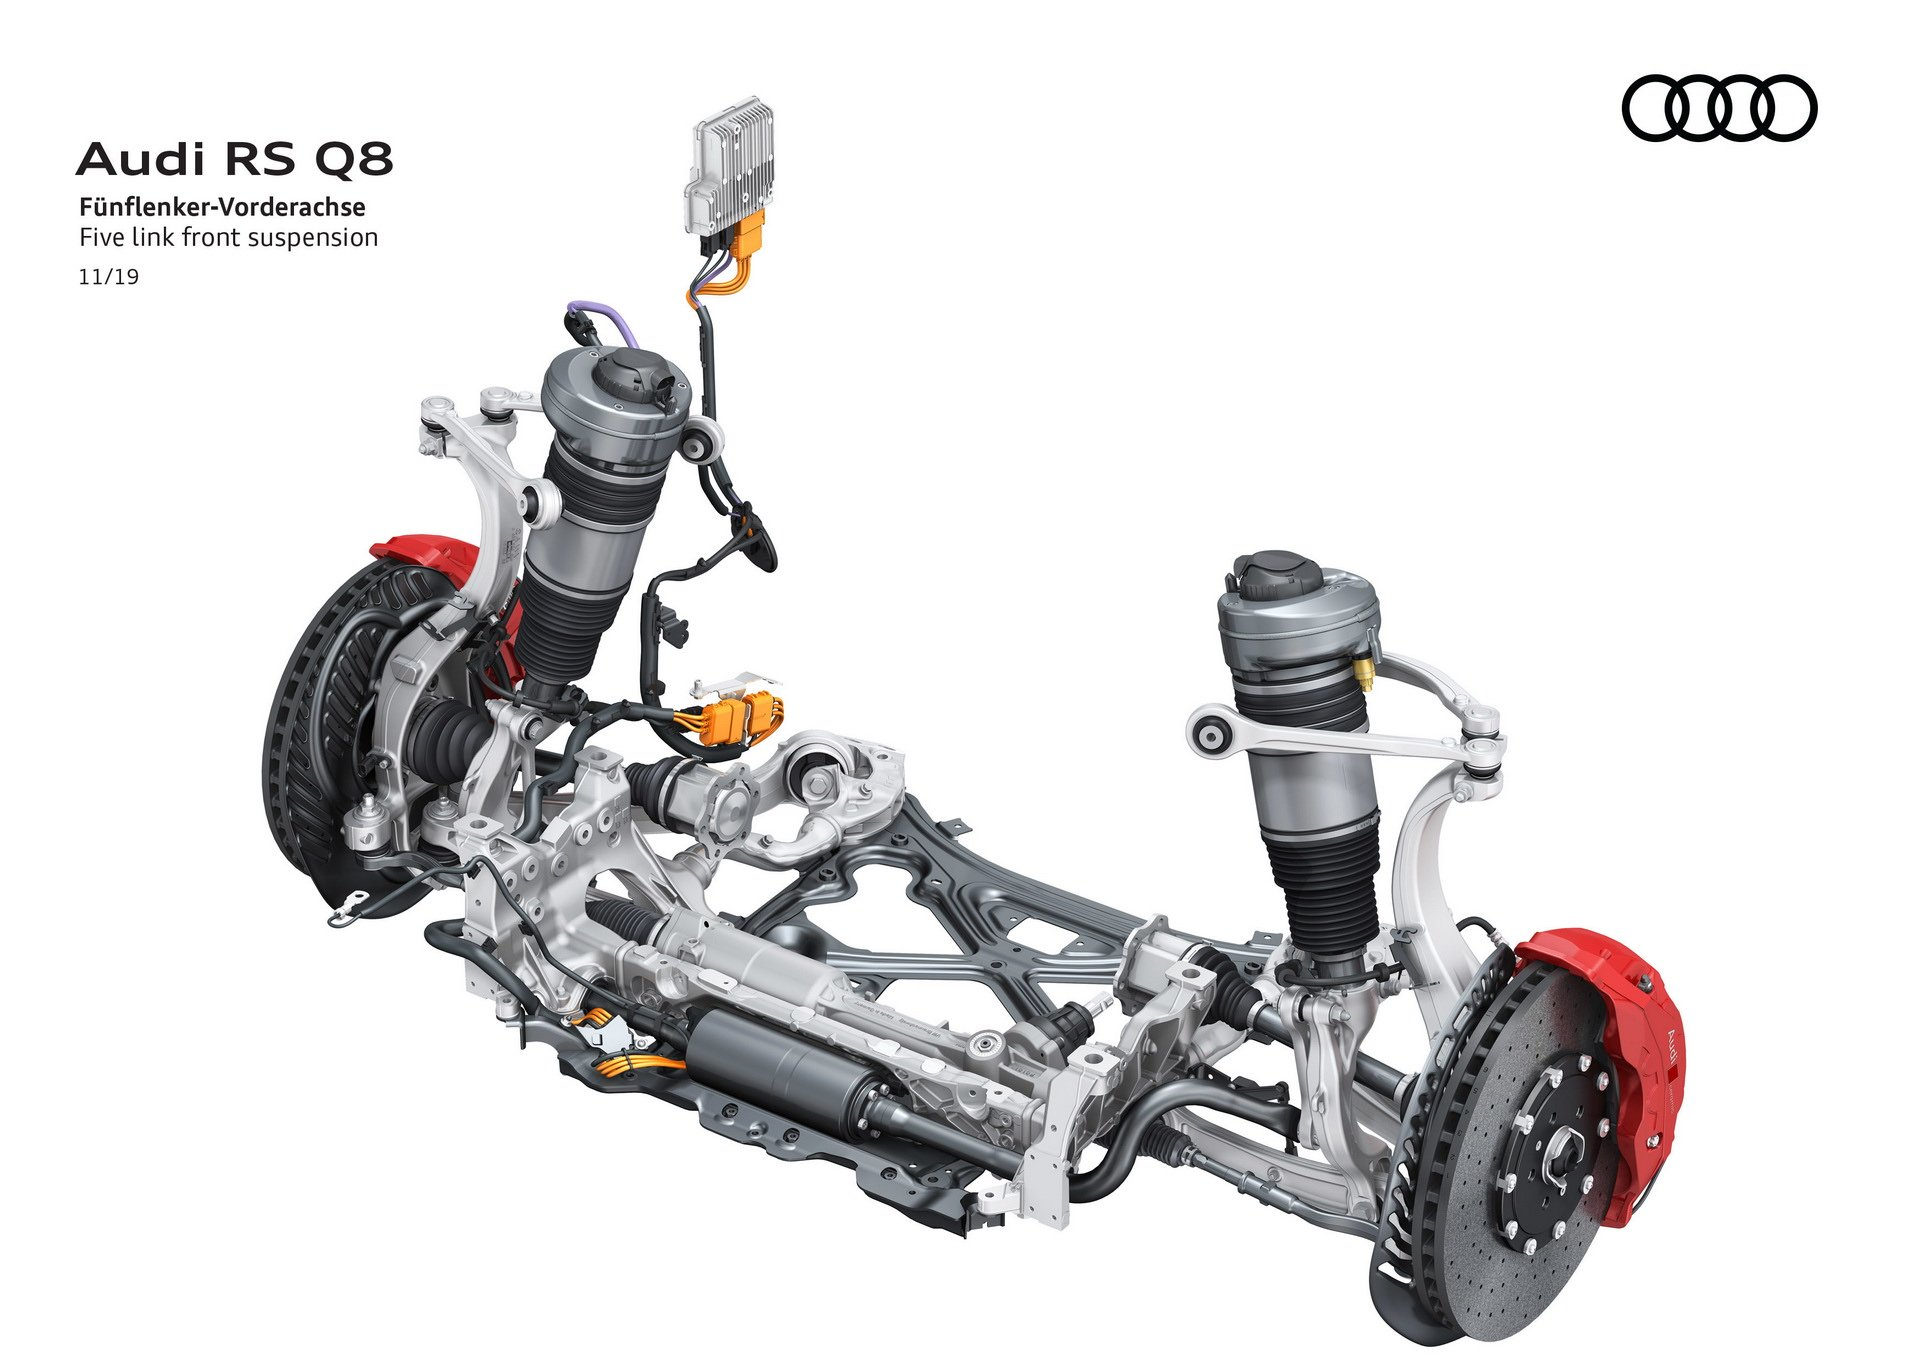 Audi-RS-Q8-71